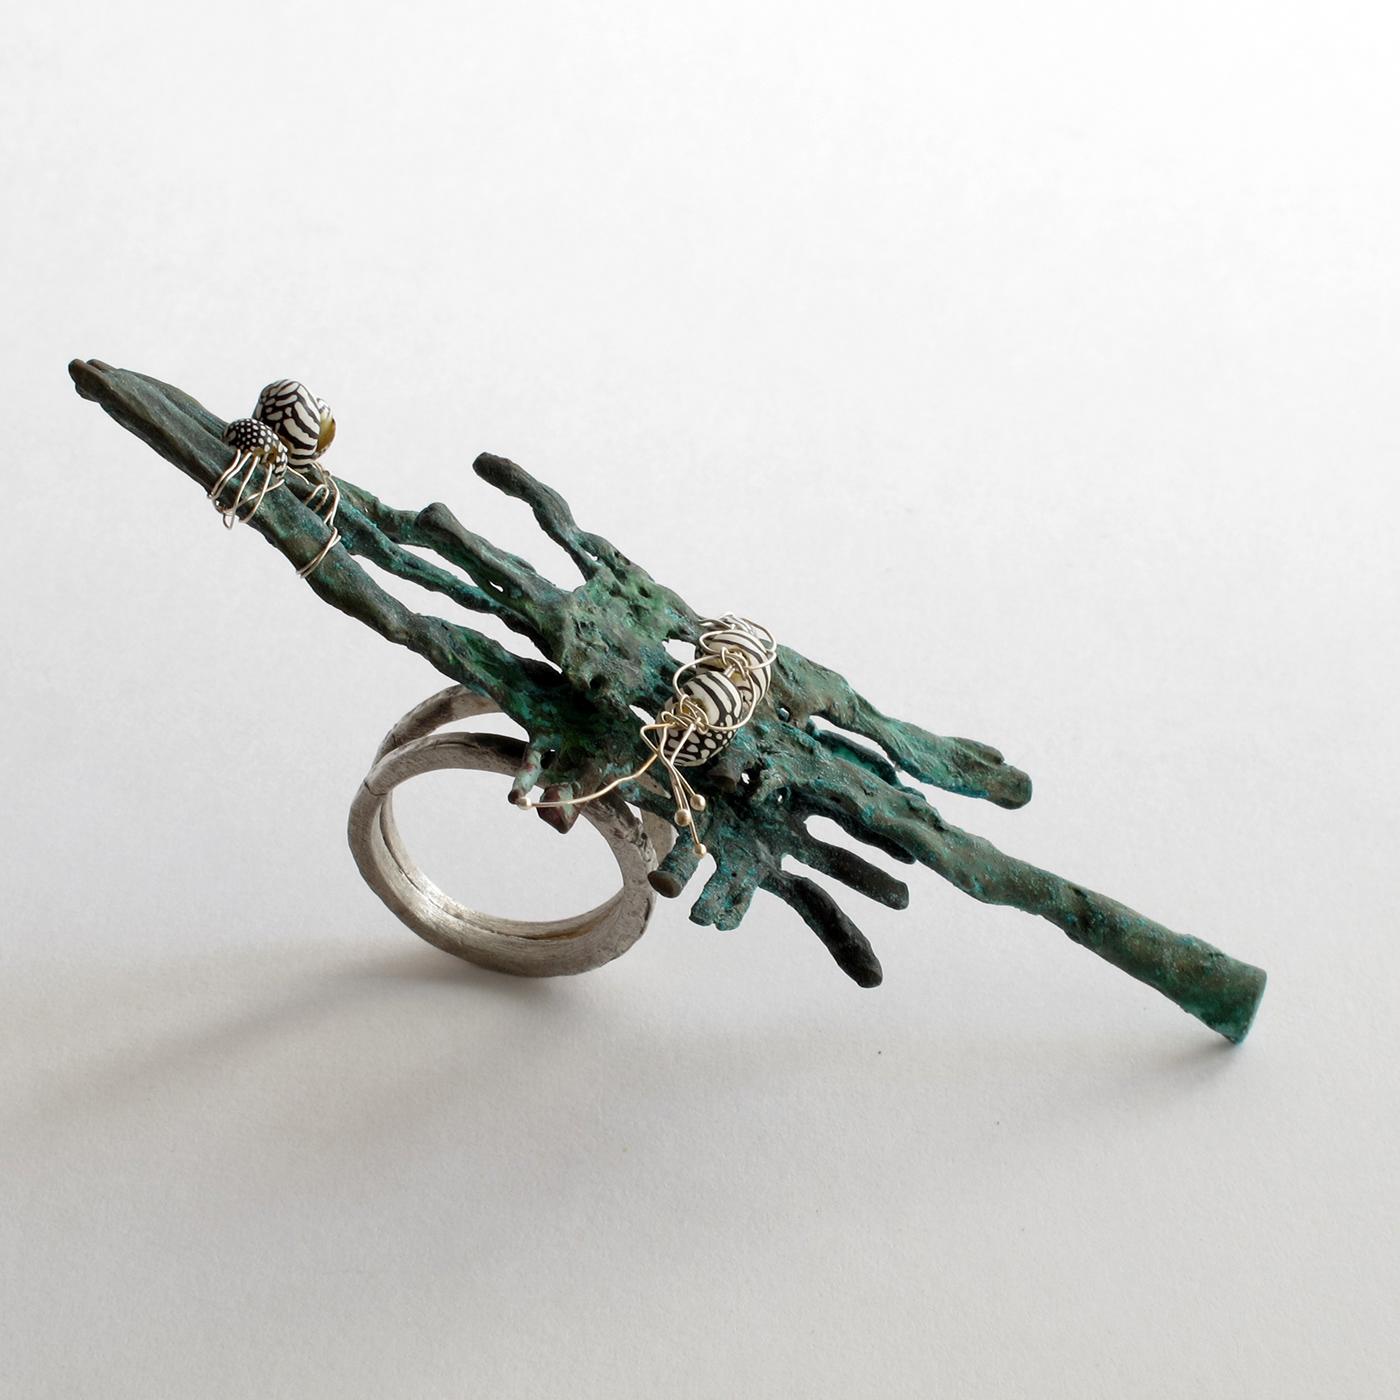 contemporary jewelery  contemporary jewelry Joyería contemporánea mabel pena unique pieces